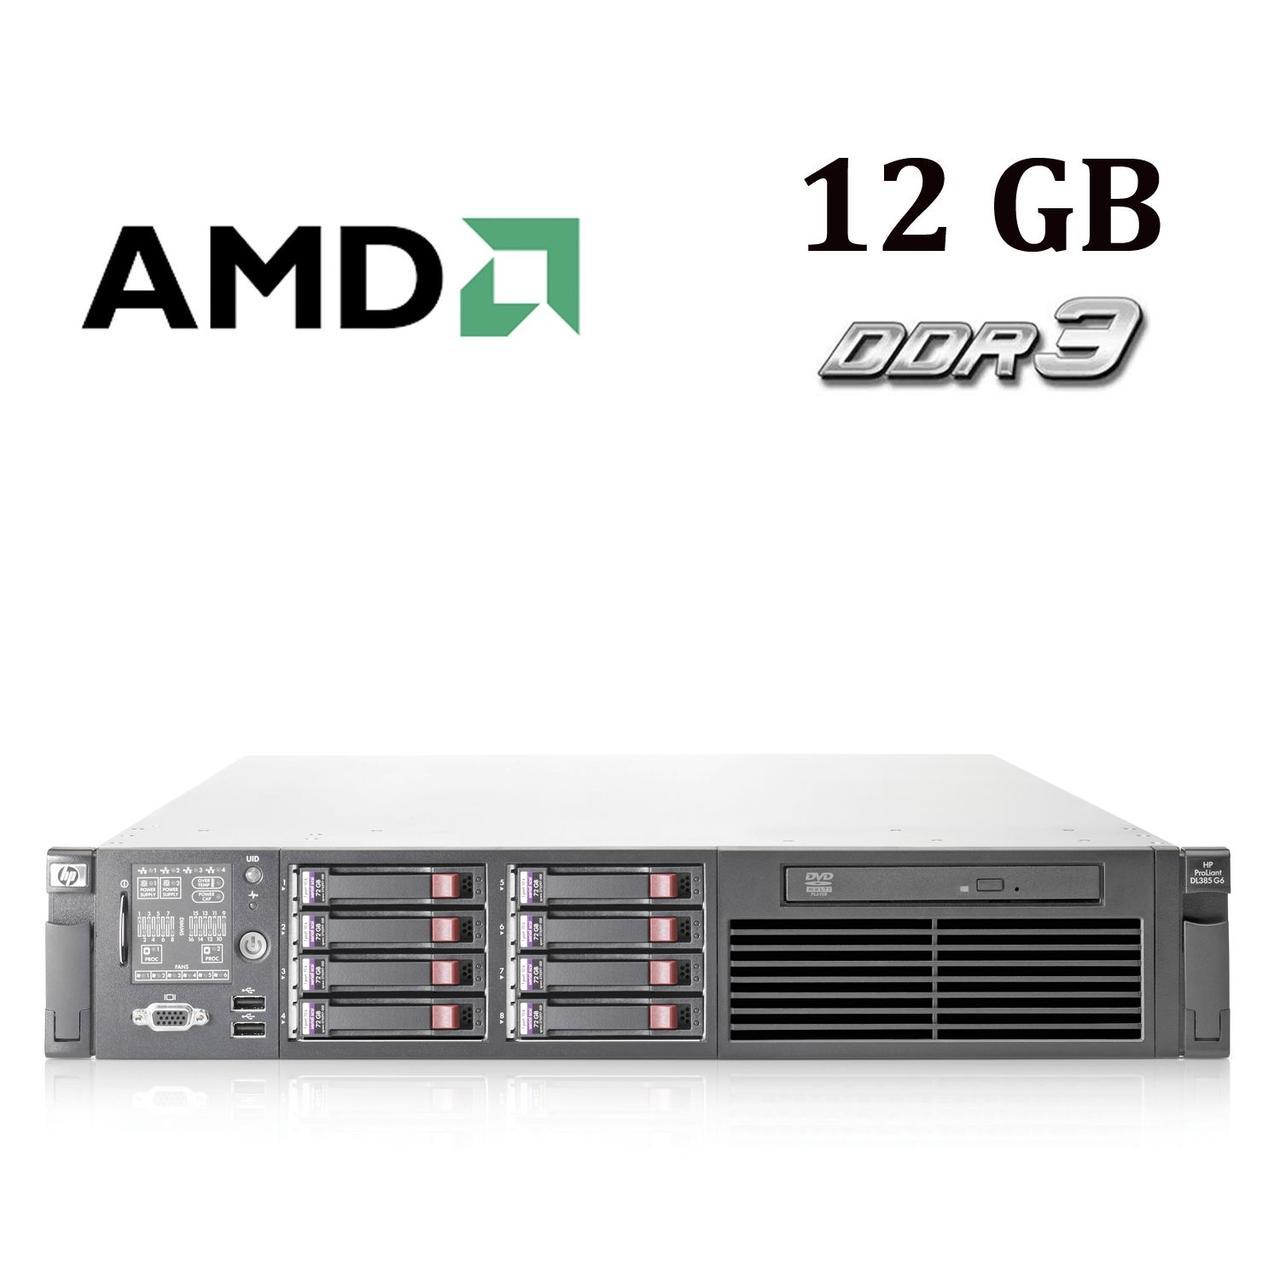 HP Proliant DL385 G6 2U / AMD Opteron 2431 (6 ядер по 2.40 GHz) / 12 GB DDR3 / No HDD